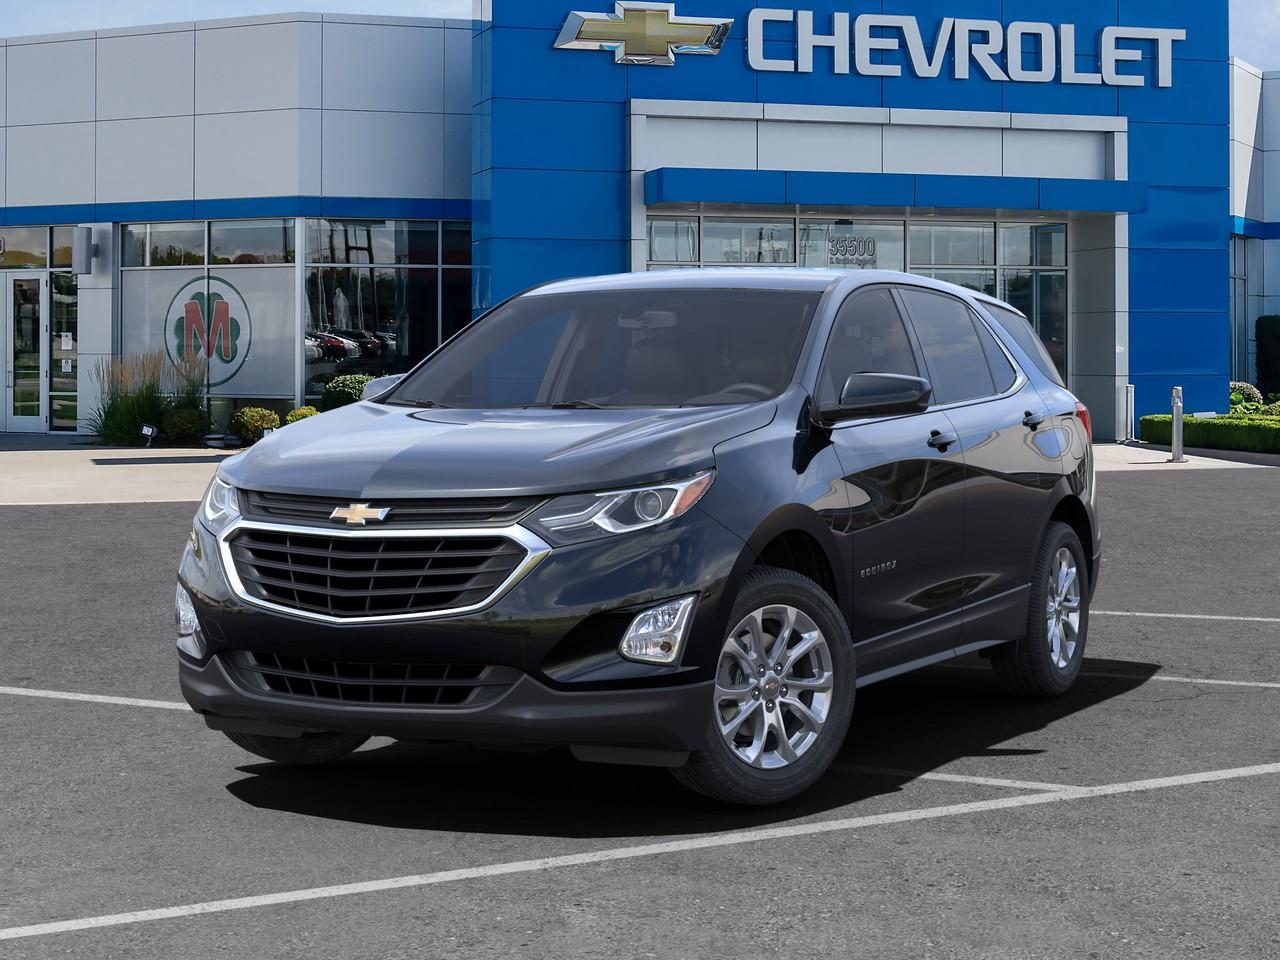 2021 Chevrolet Equinox  photo